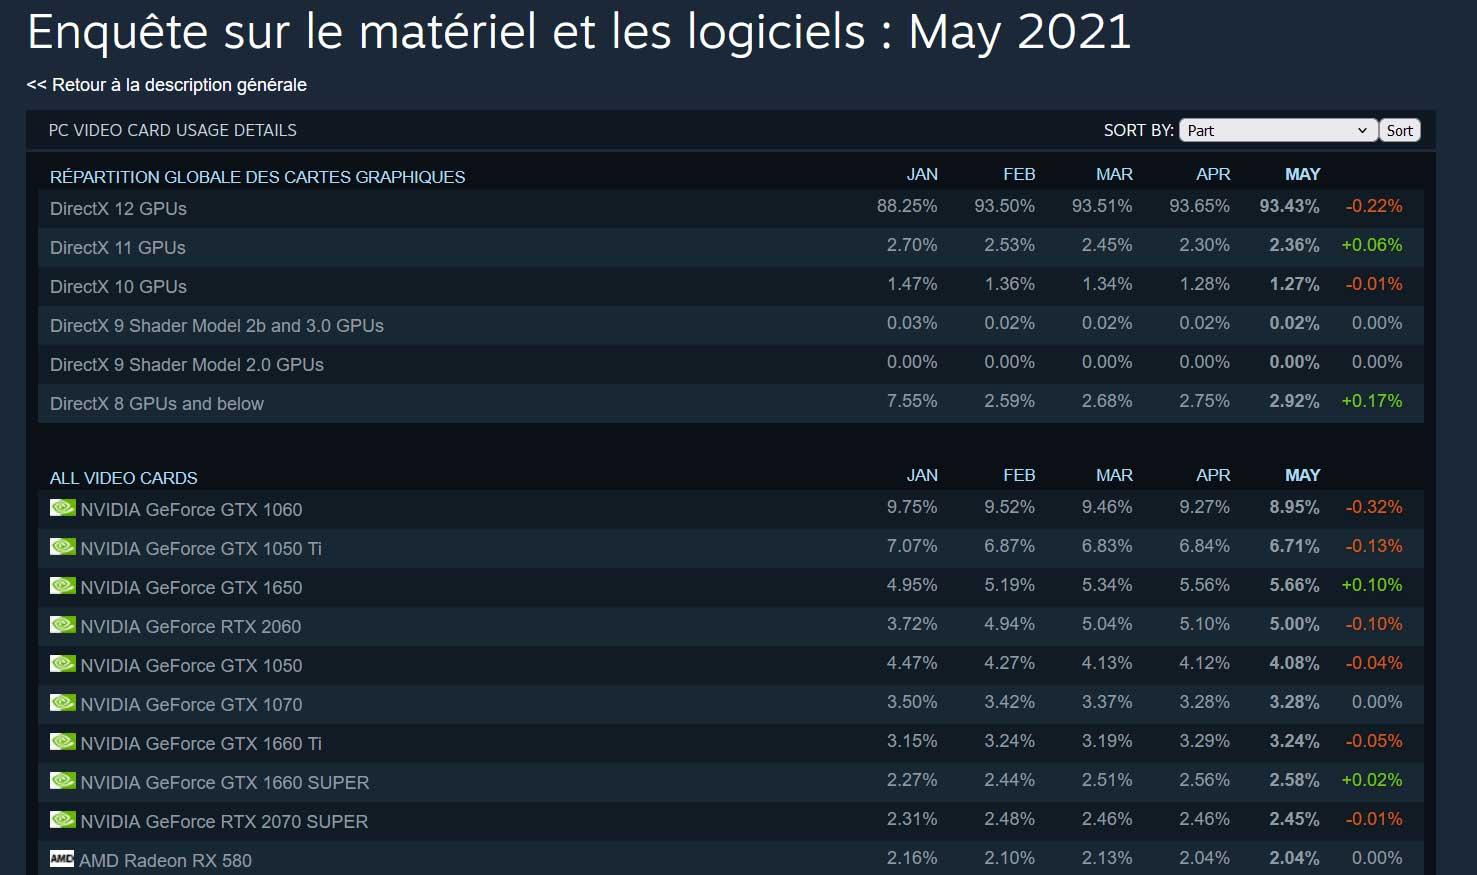 Enquète Steam sur le matériel et les logiciels – période mai 2021 (GPU)